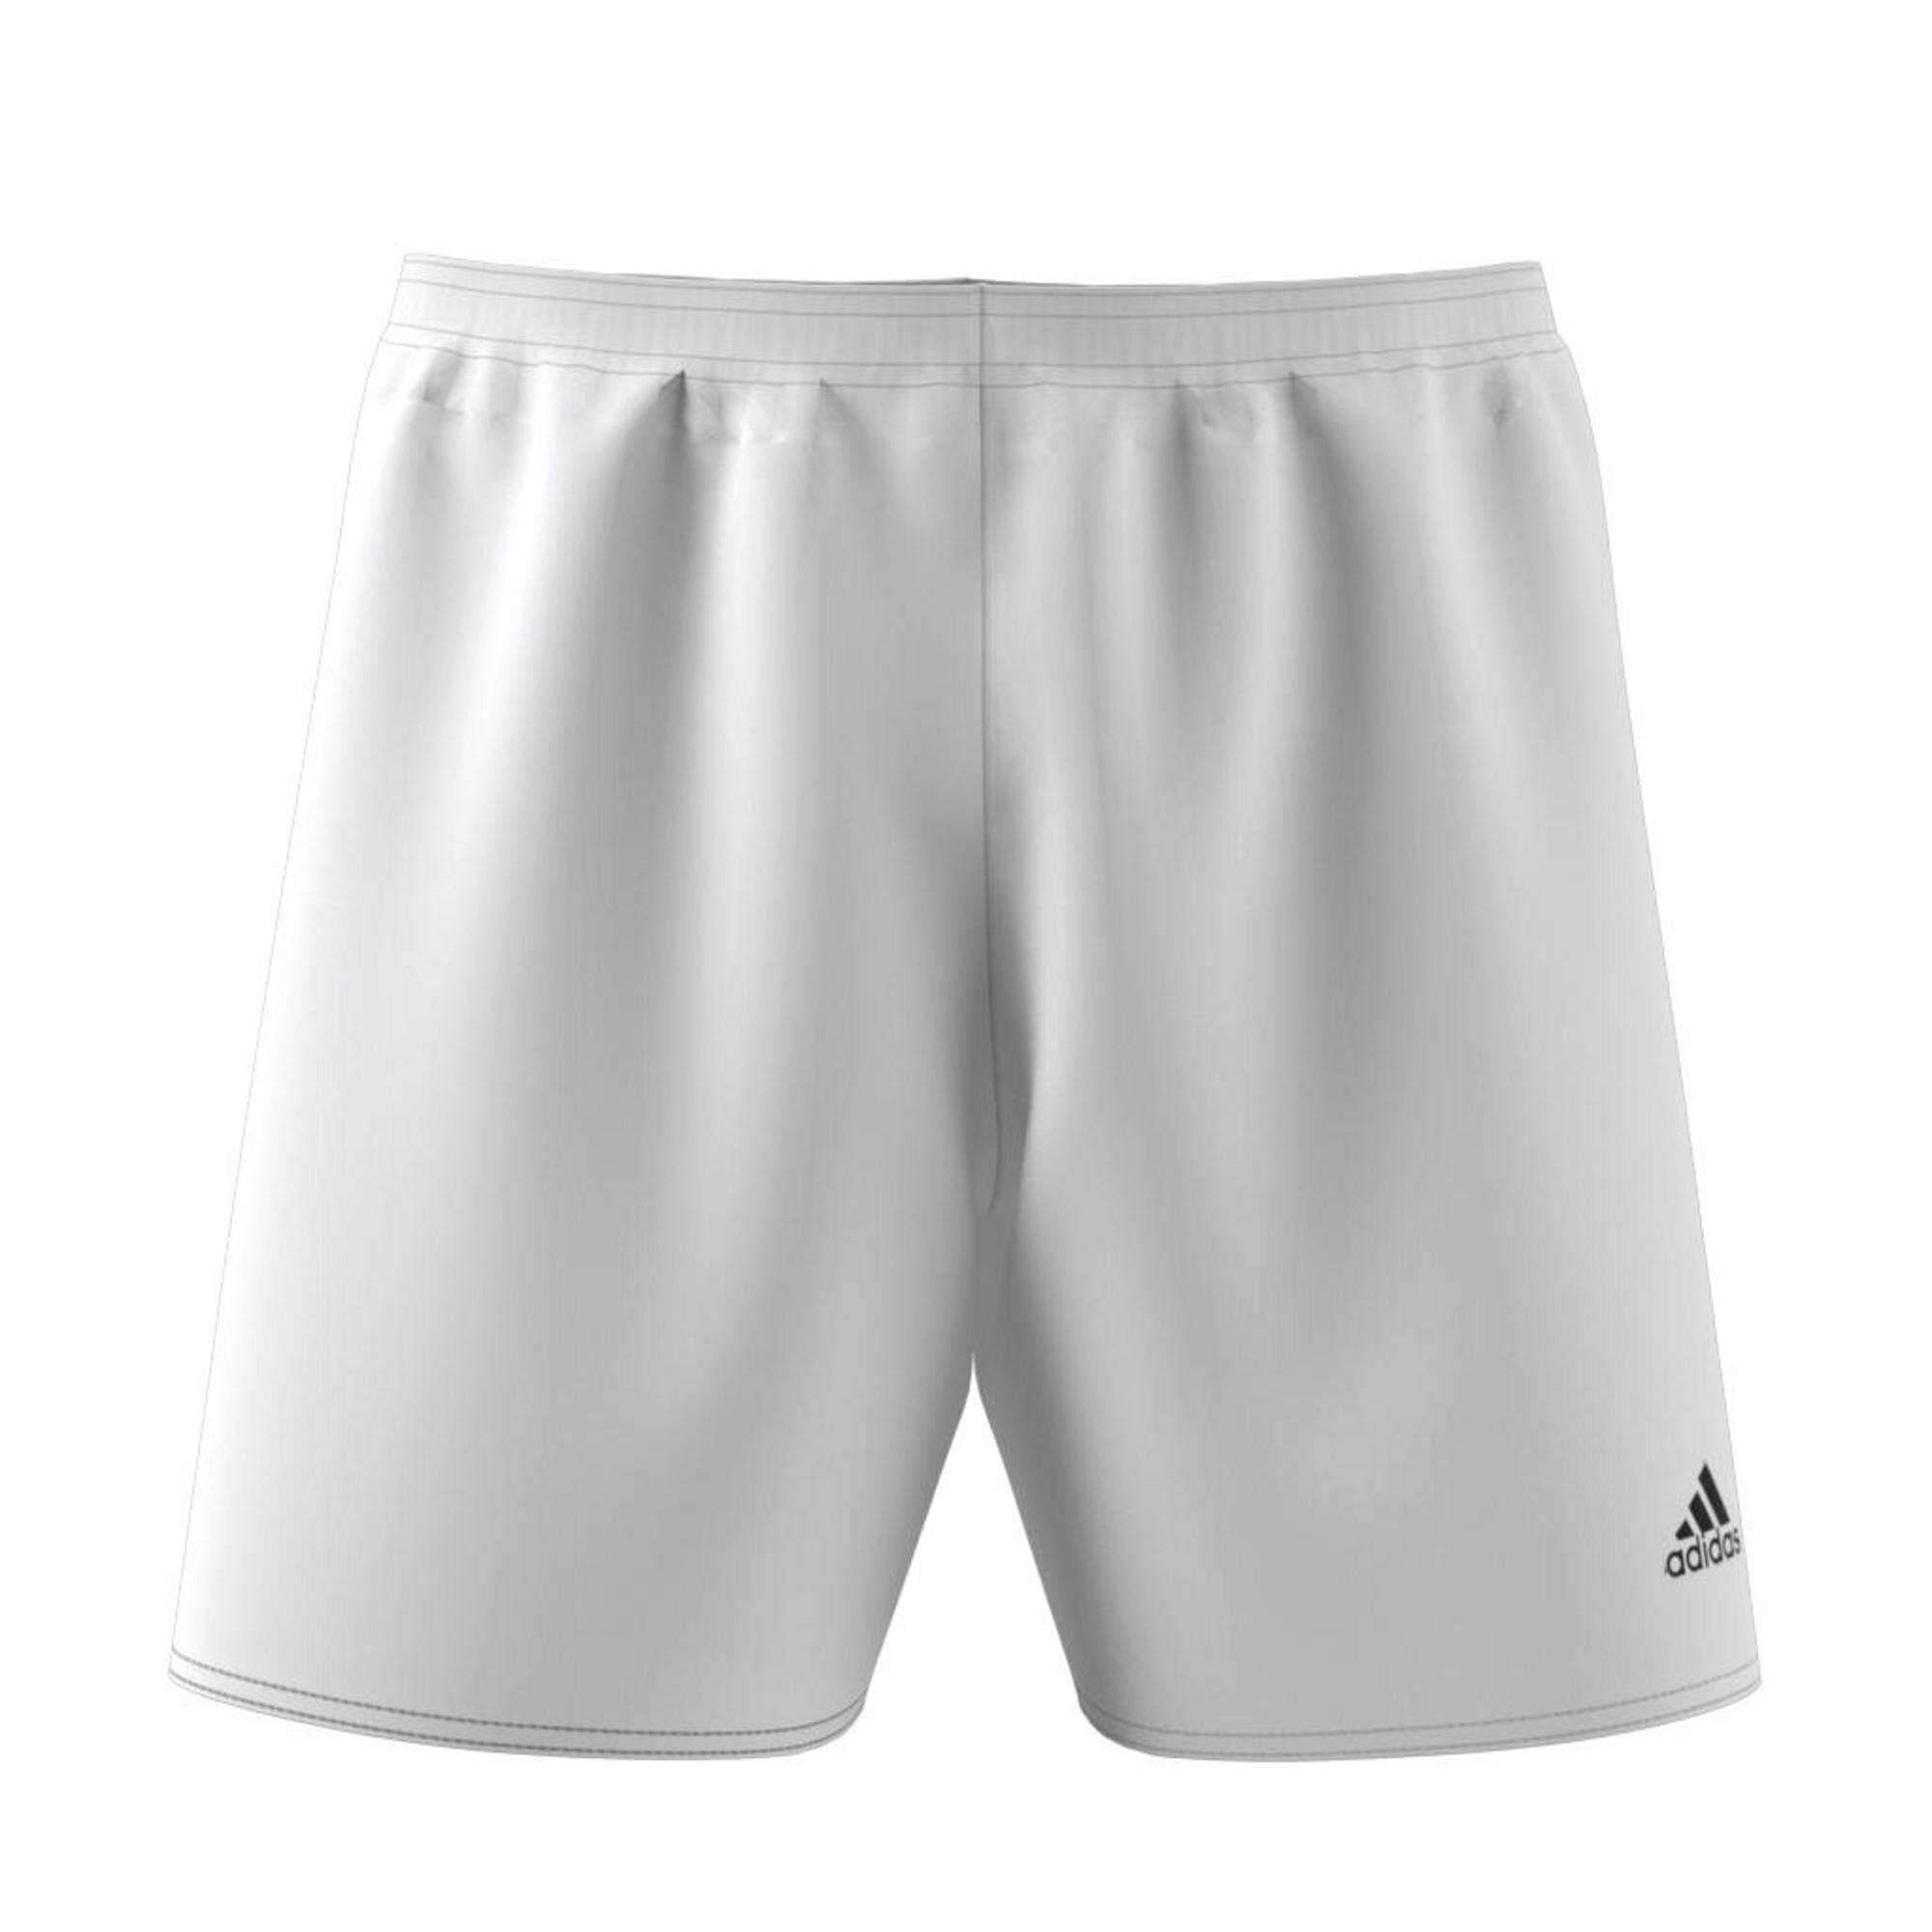 Adidas MenS Estro 19 Sho (White)